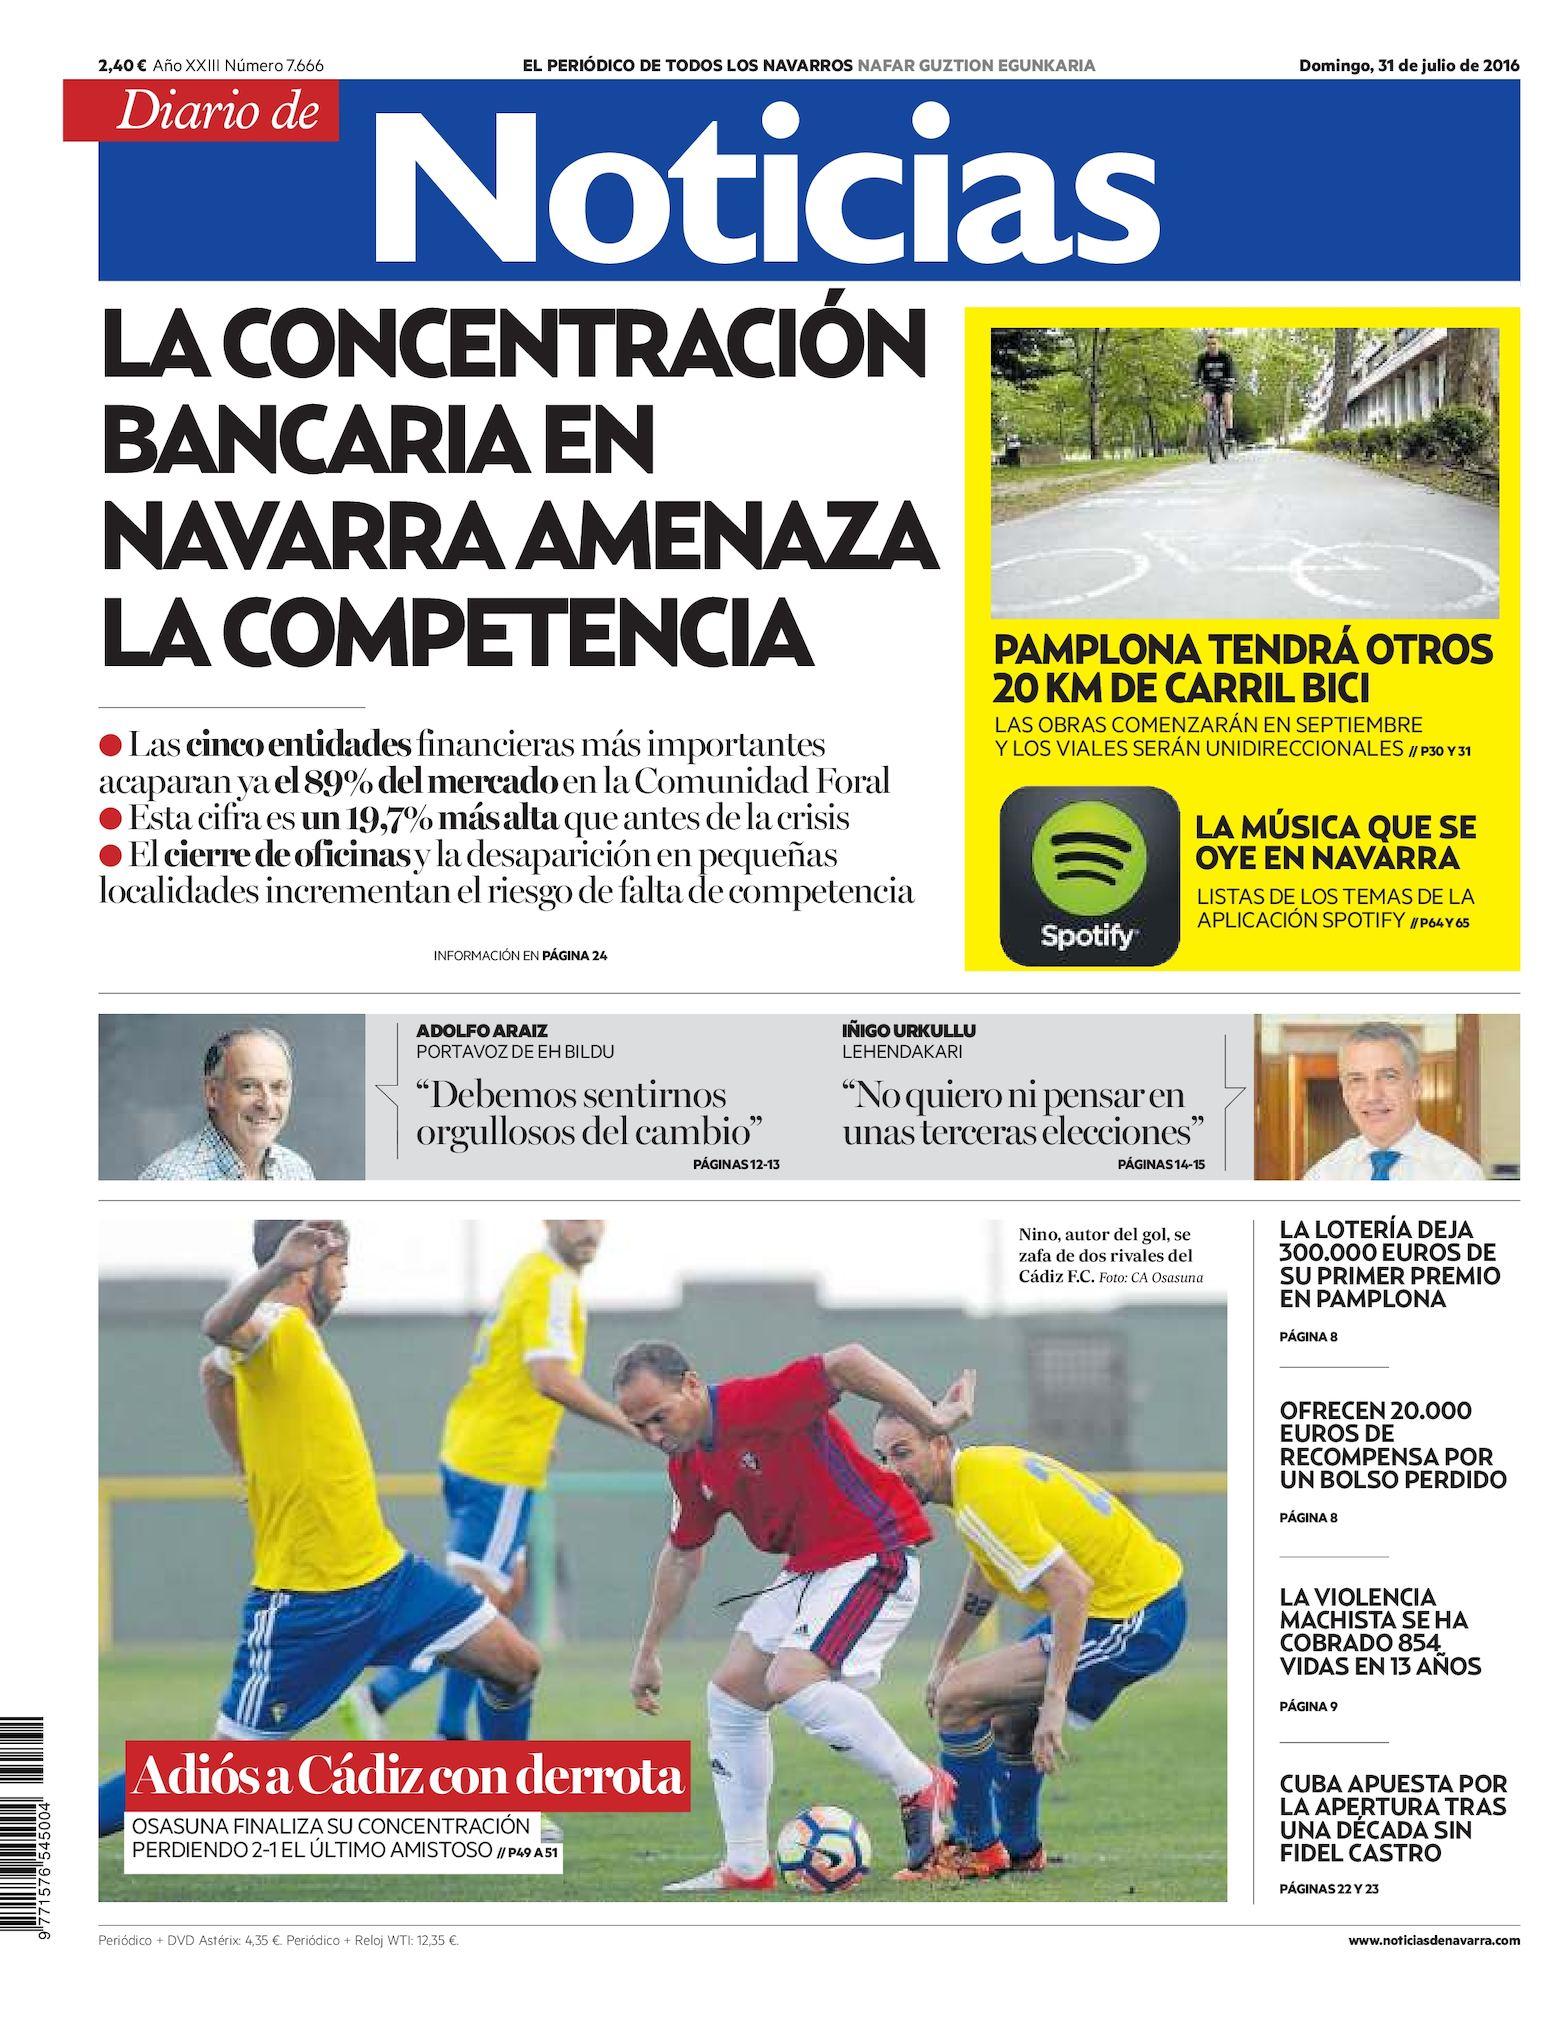 Calaméo - Diario de Noticias 20160731 512d7e66a51